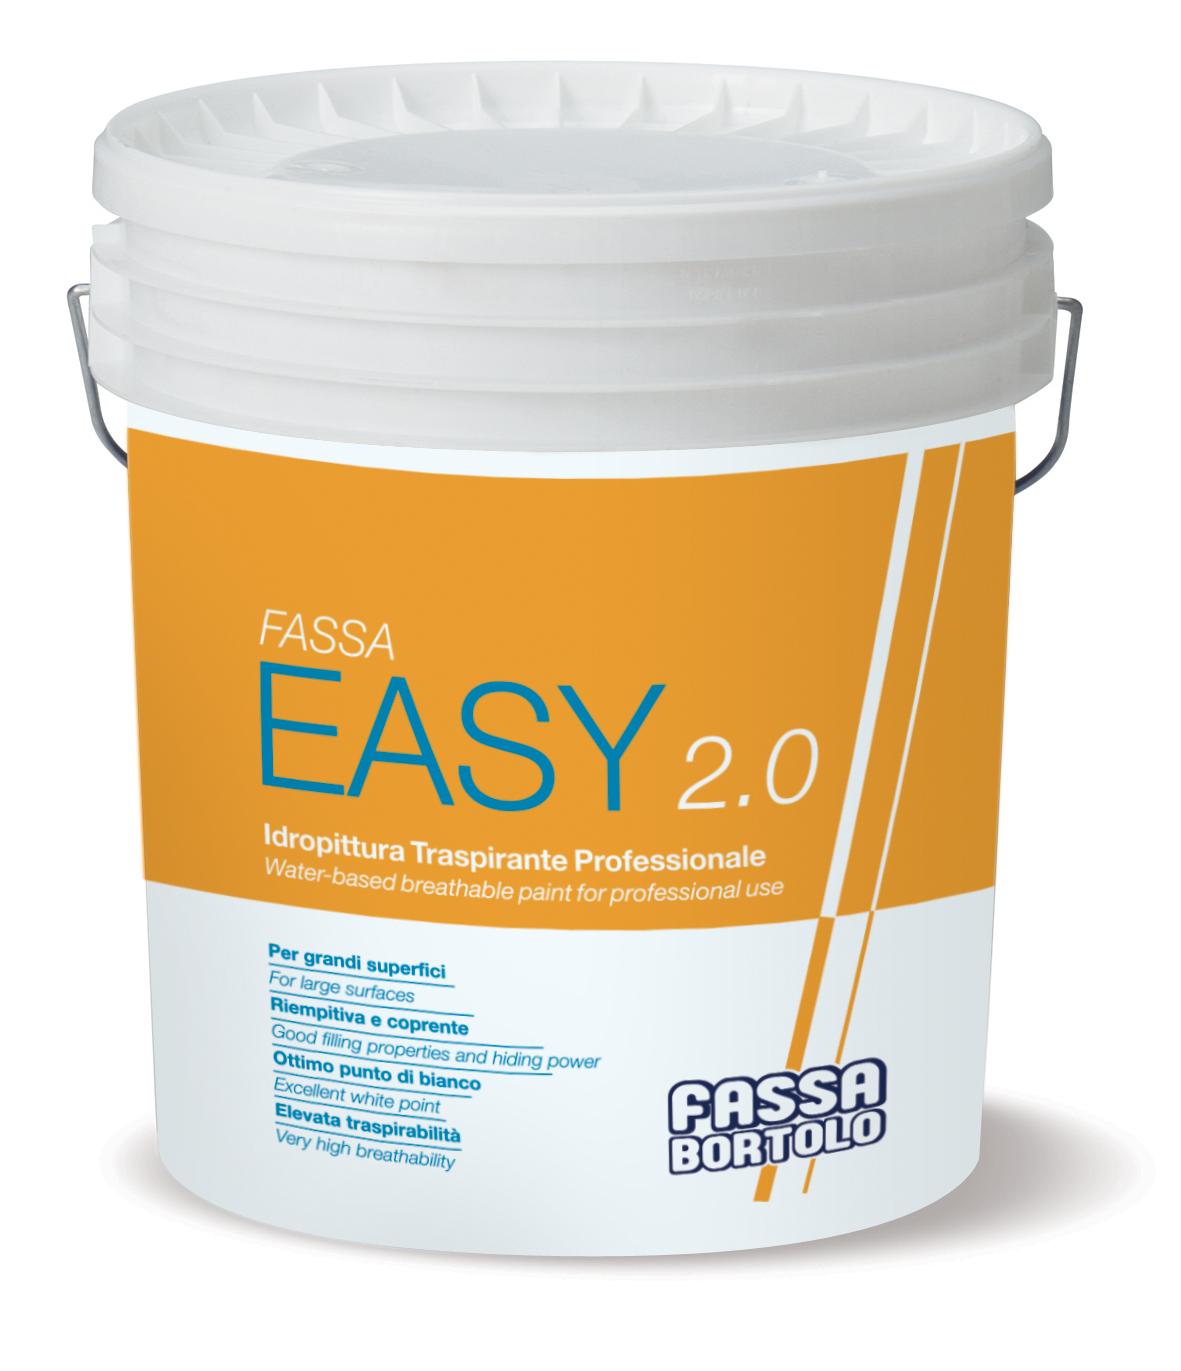 FASSA EASY 2.0: Tinta de água transpirável profissional para interiores